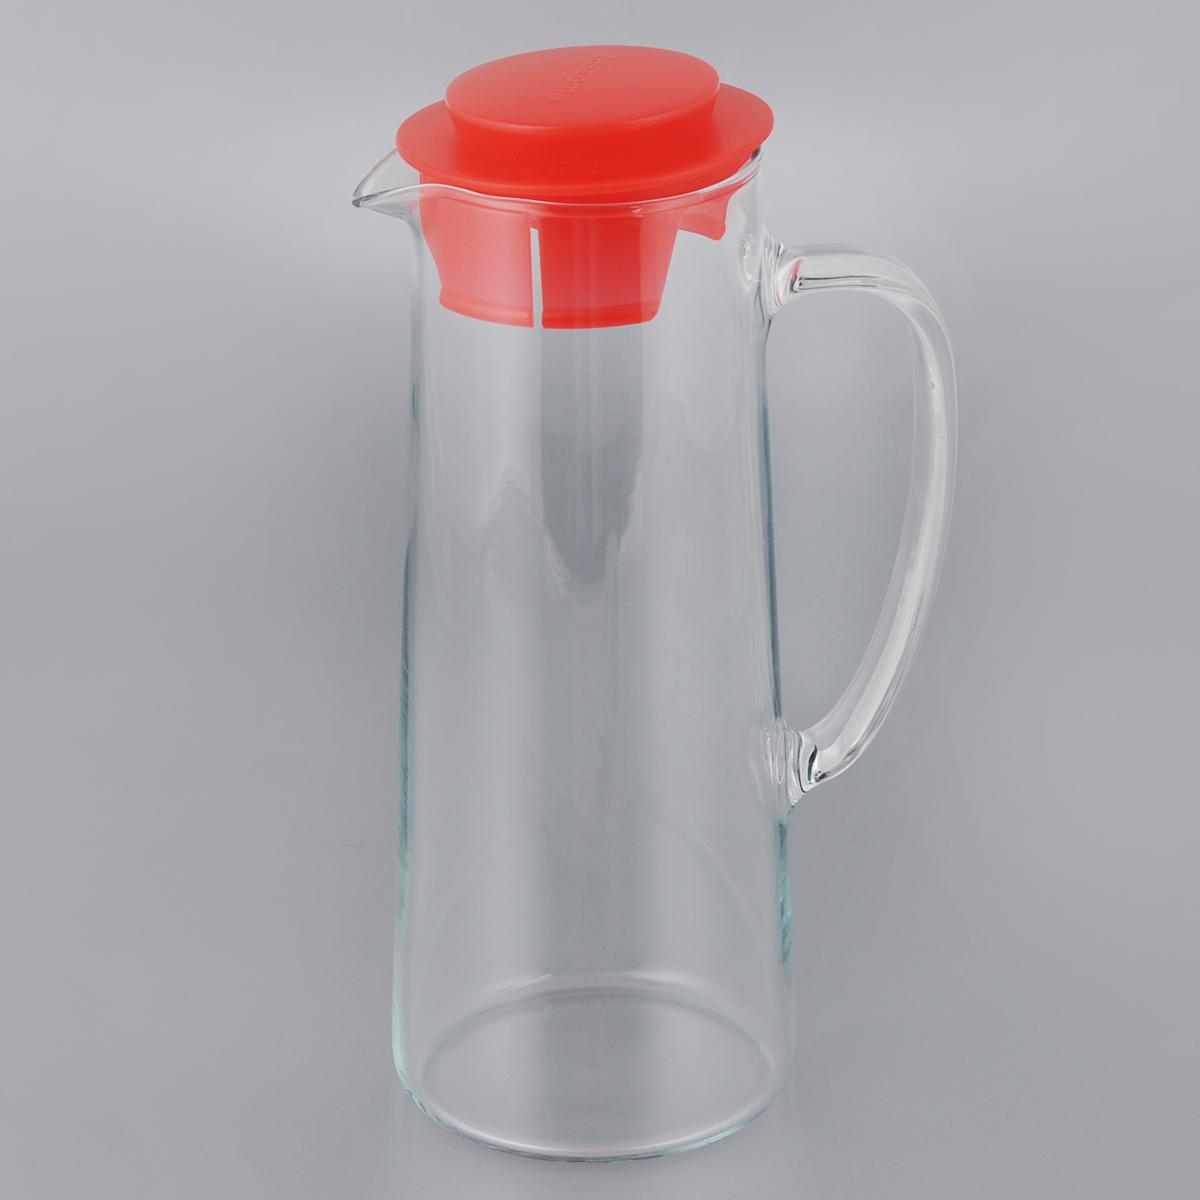 Кувшин для холодильника Tescoma Teo, с крышкой, цвет: прозрачный, красный, 1 л646616_красныйКувшин Tescoma Teo, выполненный из высококачественного прочного стекла, элегантно украсит ваш стол. Кувшин оснащен удобной ручкой и пластиковой крышкой. Он прост в использовании, достаточно просто наклонить его и налить ваш любимый напиток. Форма крышки обеспечивает наливание жидкости без расплескивания. Изделие прекрасно подойдет для холодильника и для подачи на стол воды, сока, компота и других напитков, как горячих так и холодных. Кувшин Tescoma Teo дополнит интерьер вашей кухни и станет замечательным подарком к любому празднику.Можно мыть в посудомоечной машине и использовать на газовых, керамических и электрических плитах.Диаметр (по верхнему краю): 7,5 см.Высота кувшина (с учетом крышки): 24,5 см.